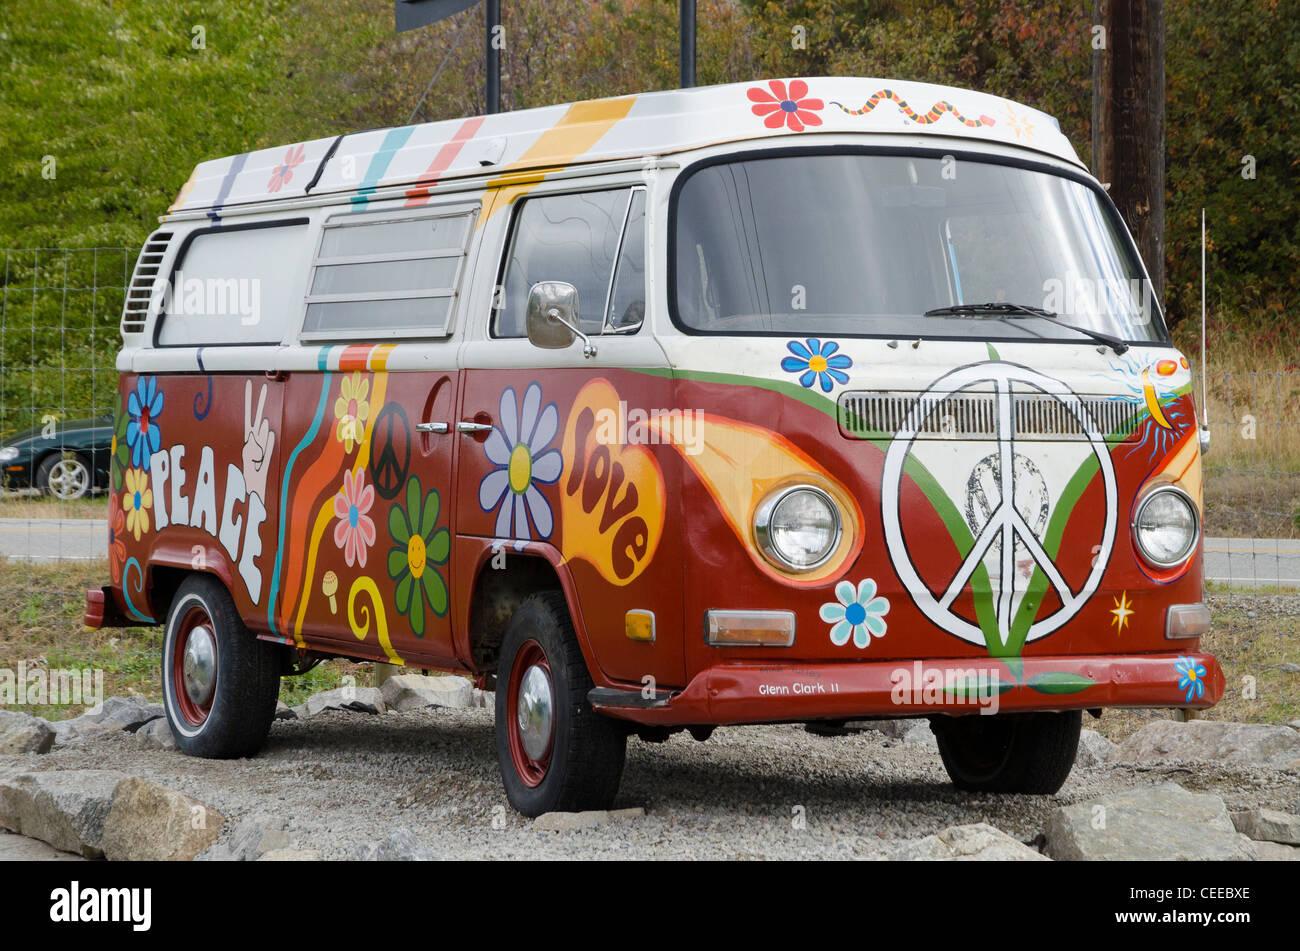 Painted Volkswagen Hippie Van Ruby Blue S Winery